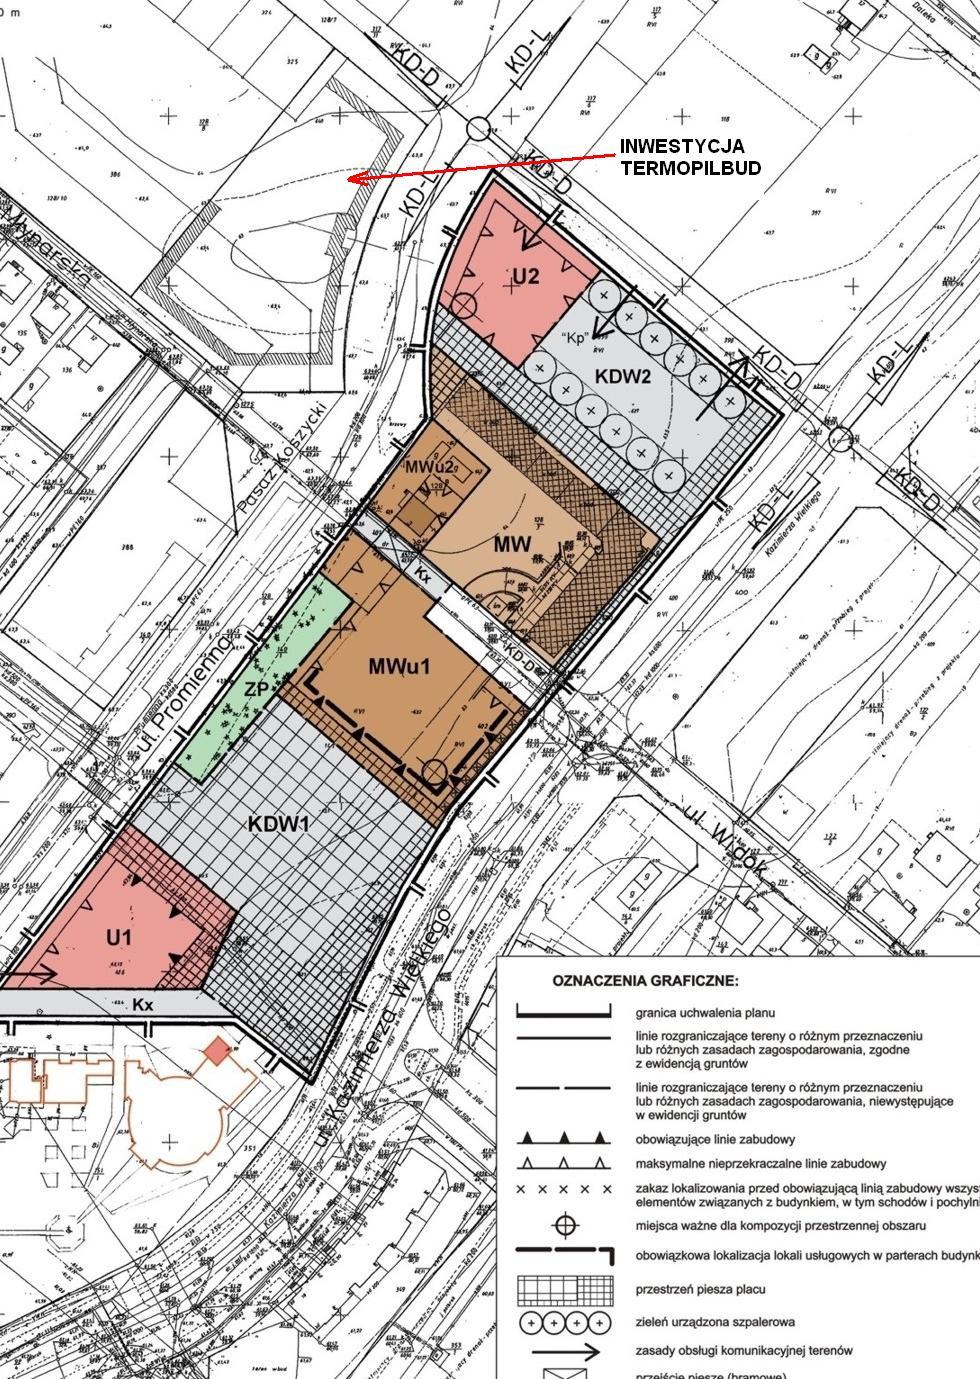 fragment miejscowego planu zagospodarowania przestrzennego z zaznaczoną działką przy ul. Promiennej